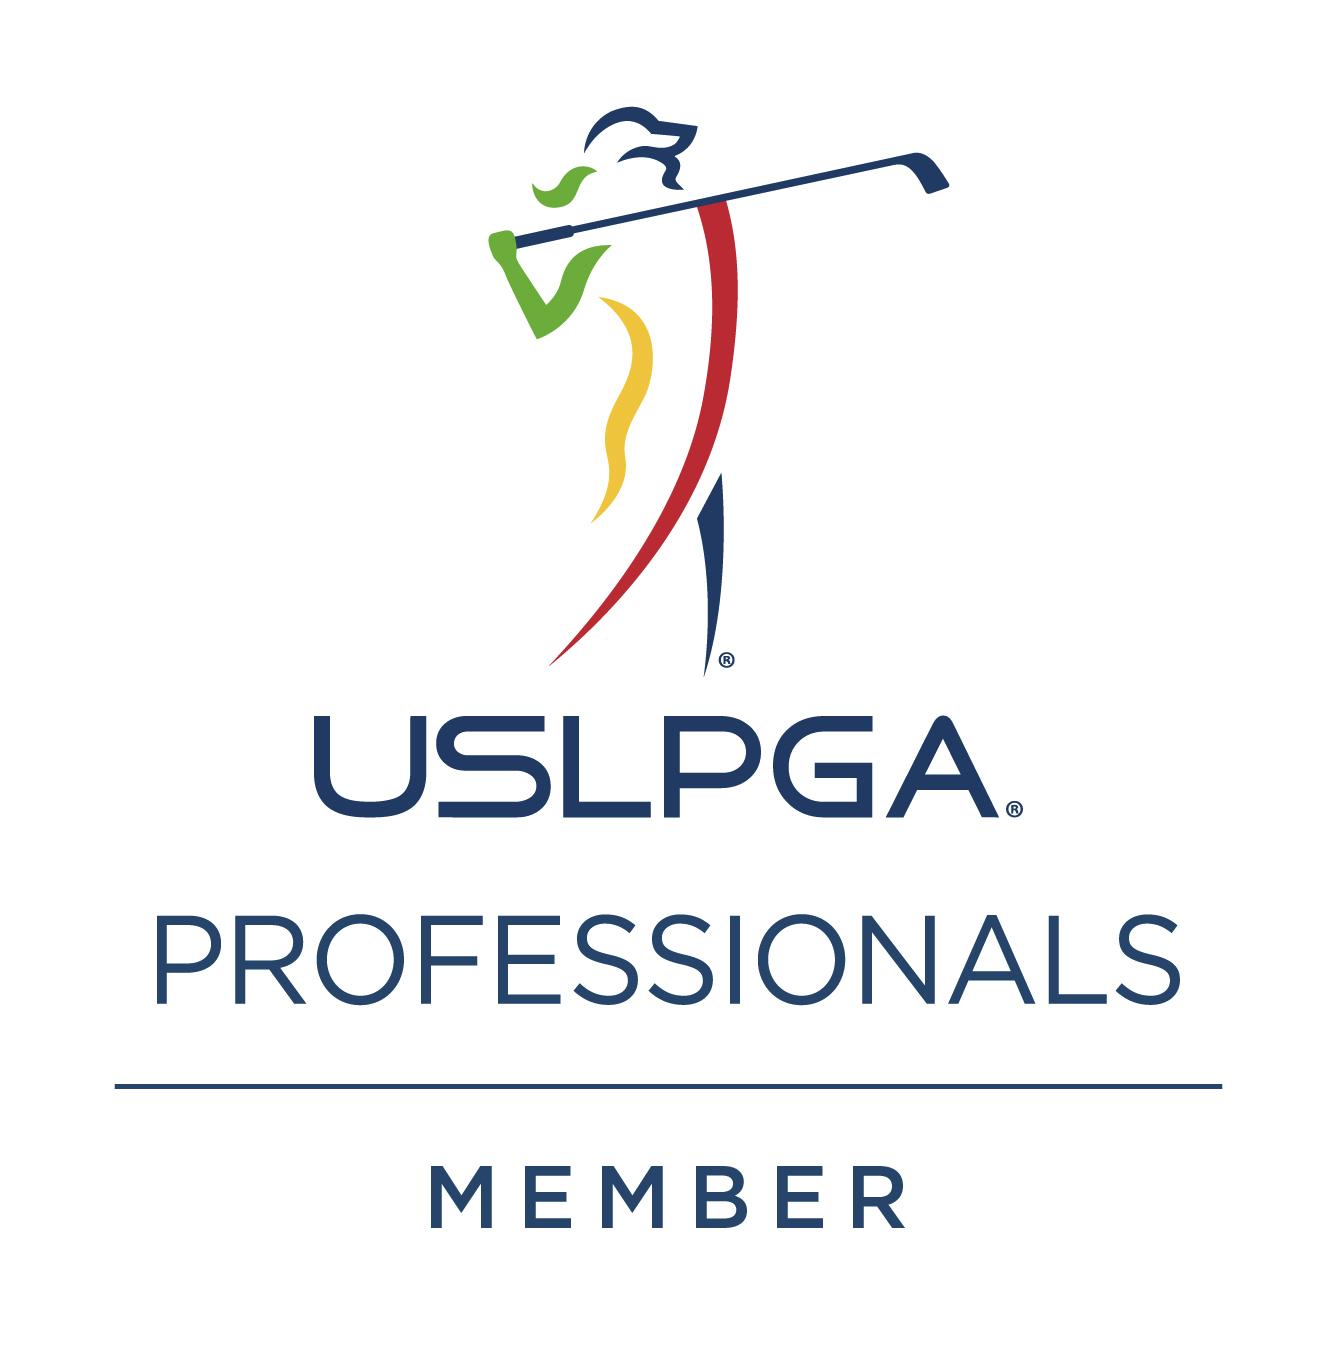 世界最高峰全米女子プロゴルフ協会Class A Professional